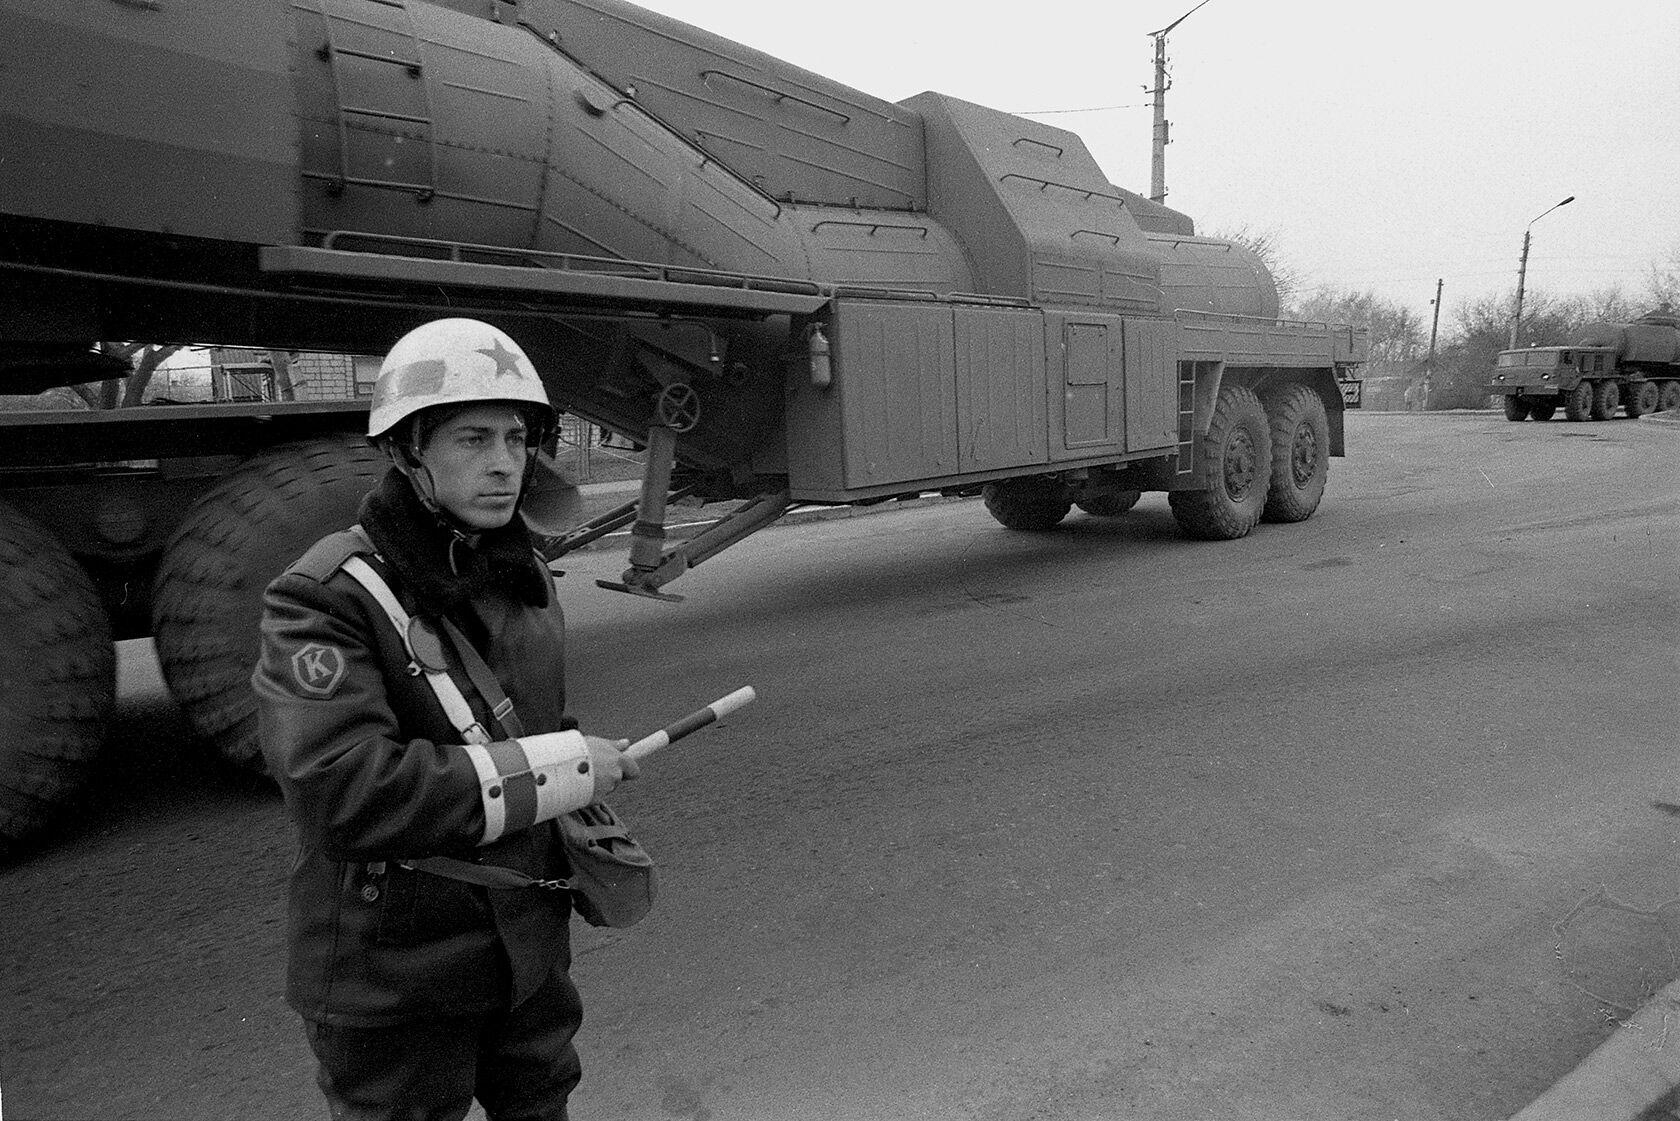 Колонна с демонтированной ракетой СС-19. На снимке видна цистерна для перевозки ракетного топлива. Первомайск, Николаевская область, март 1994 года